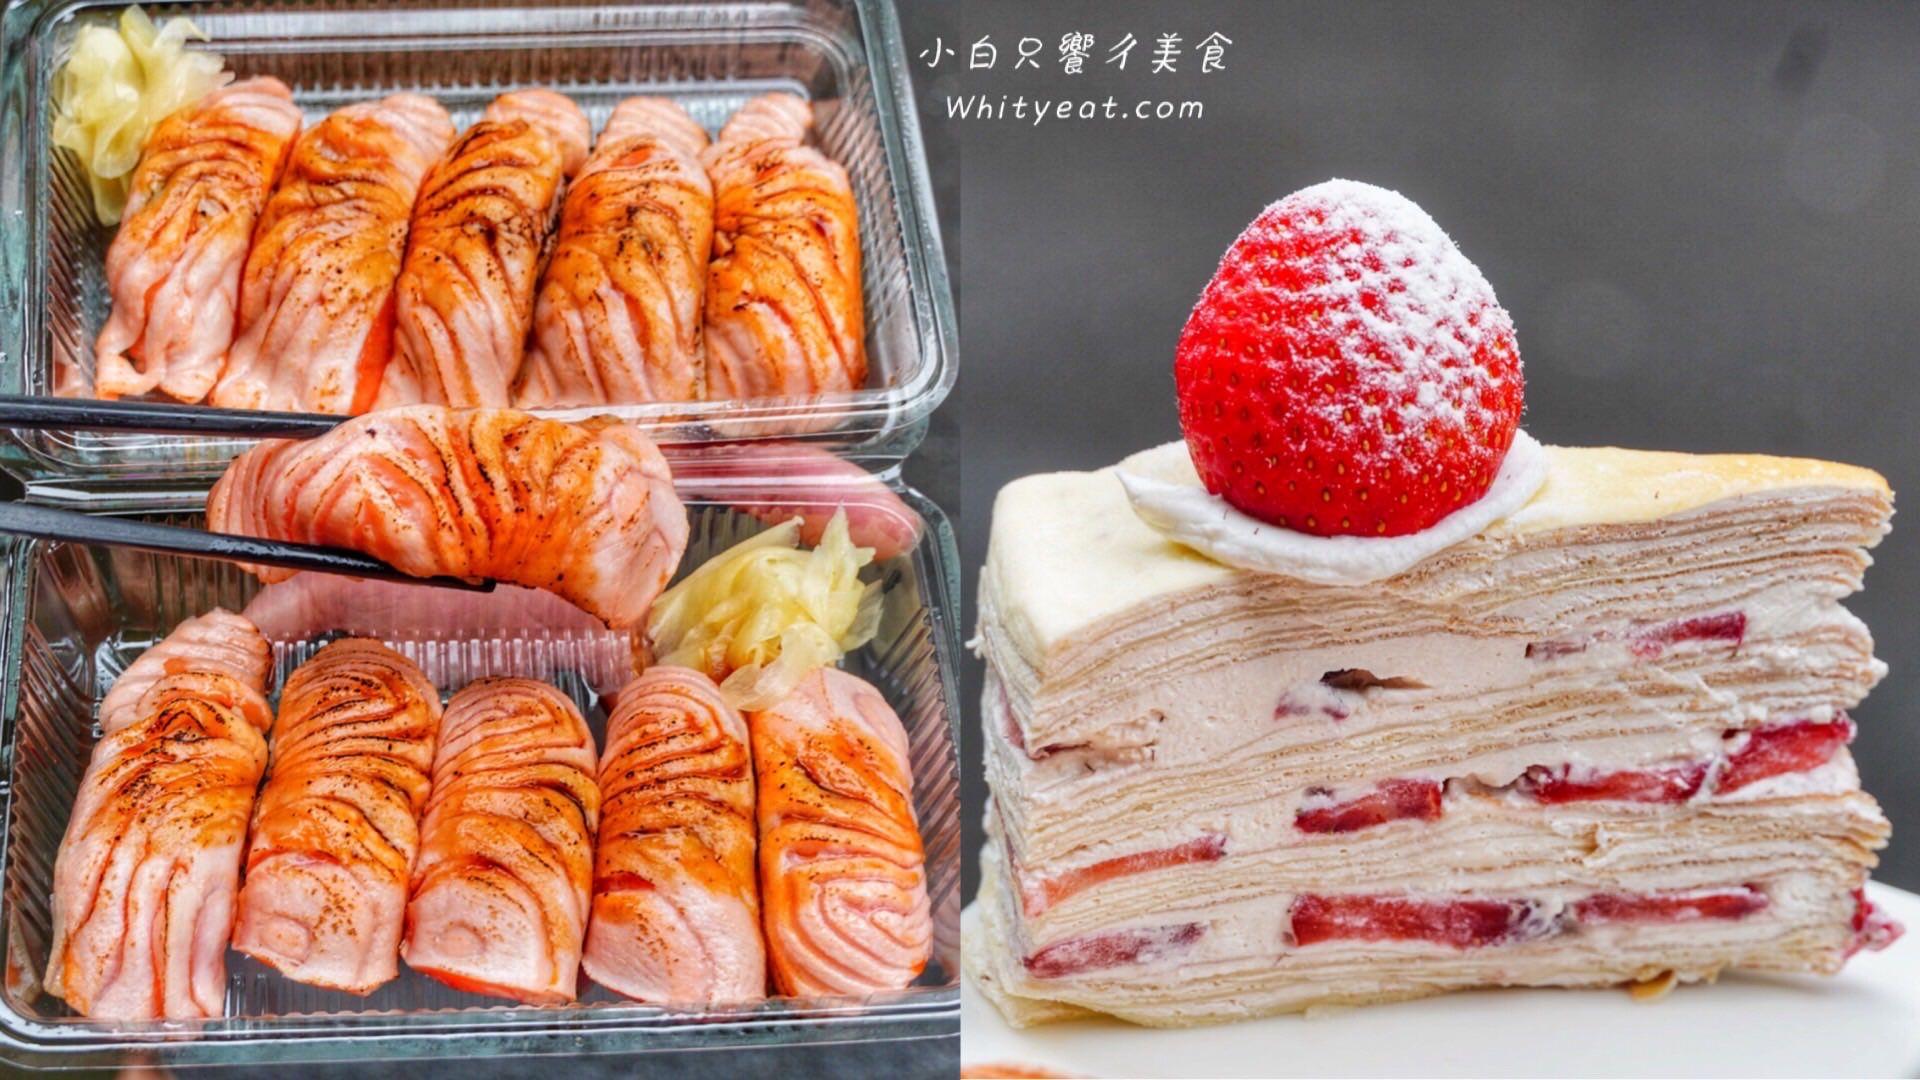 【台南美食】正興x吃吧 炙燒鮭魚一貫只要20元!草莓千層竟百元有找?